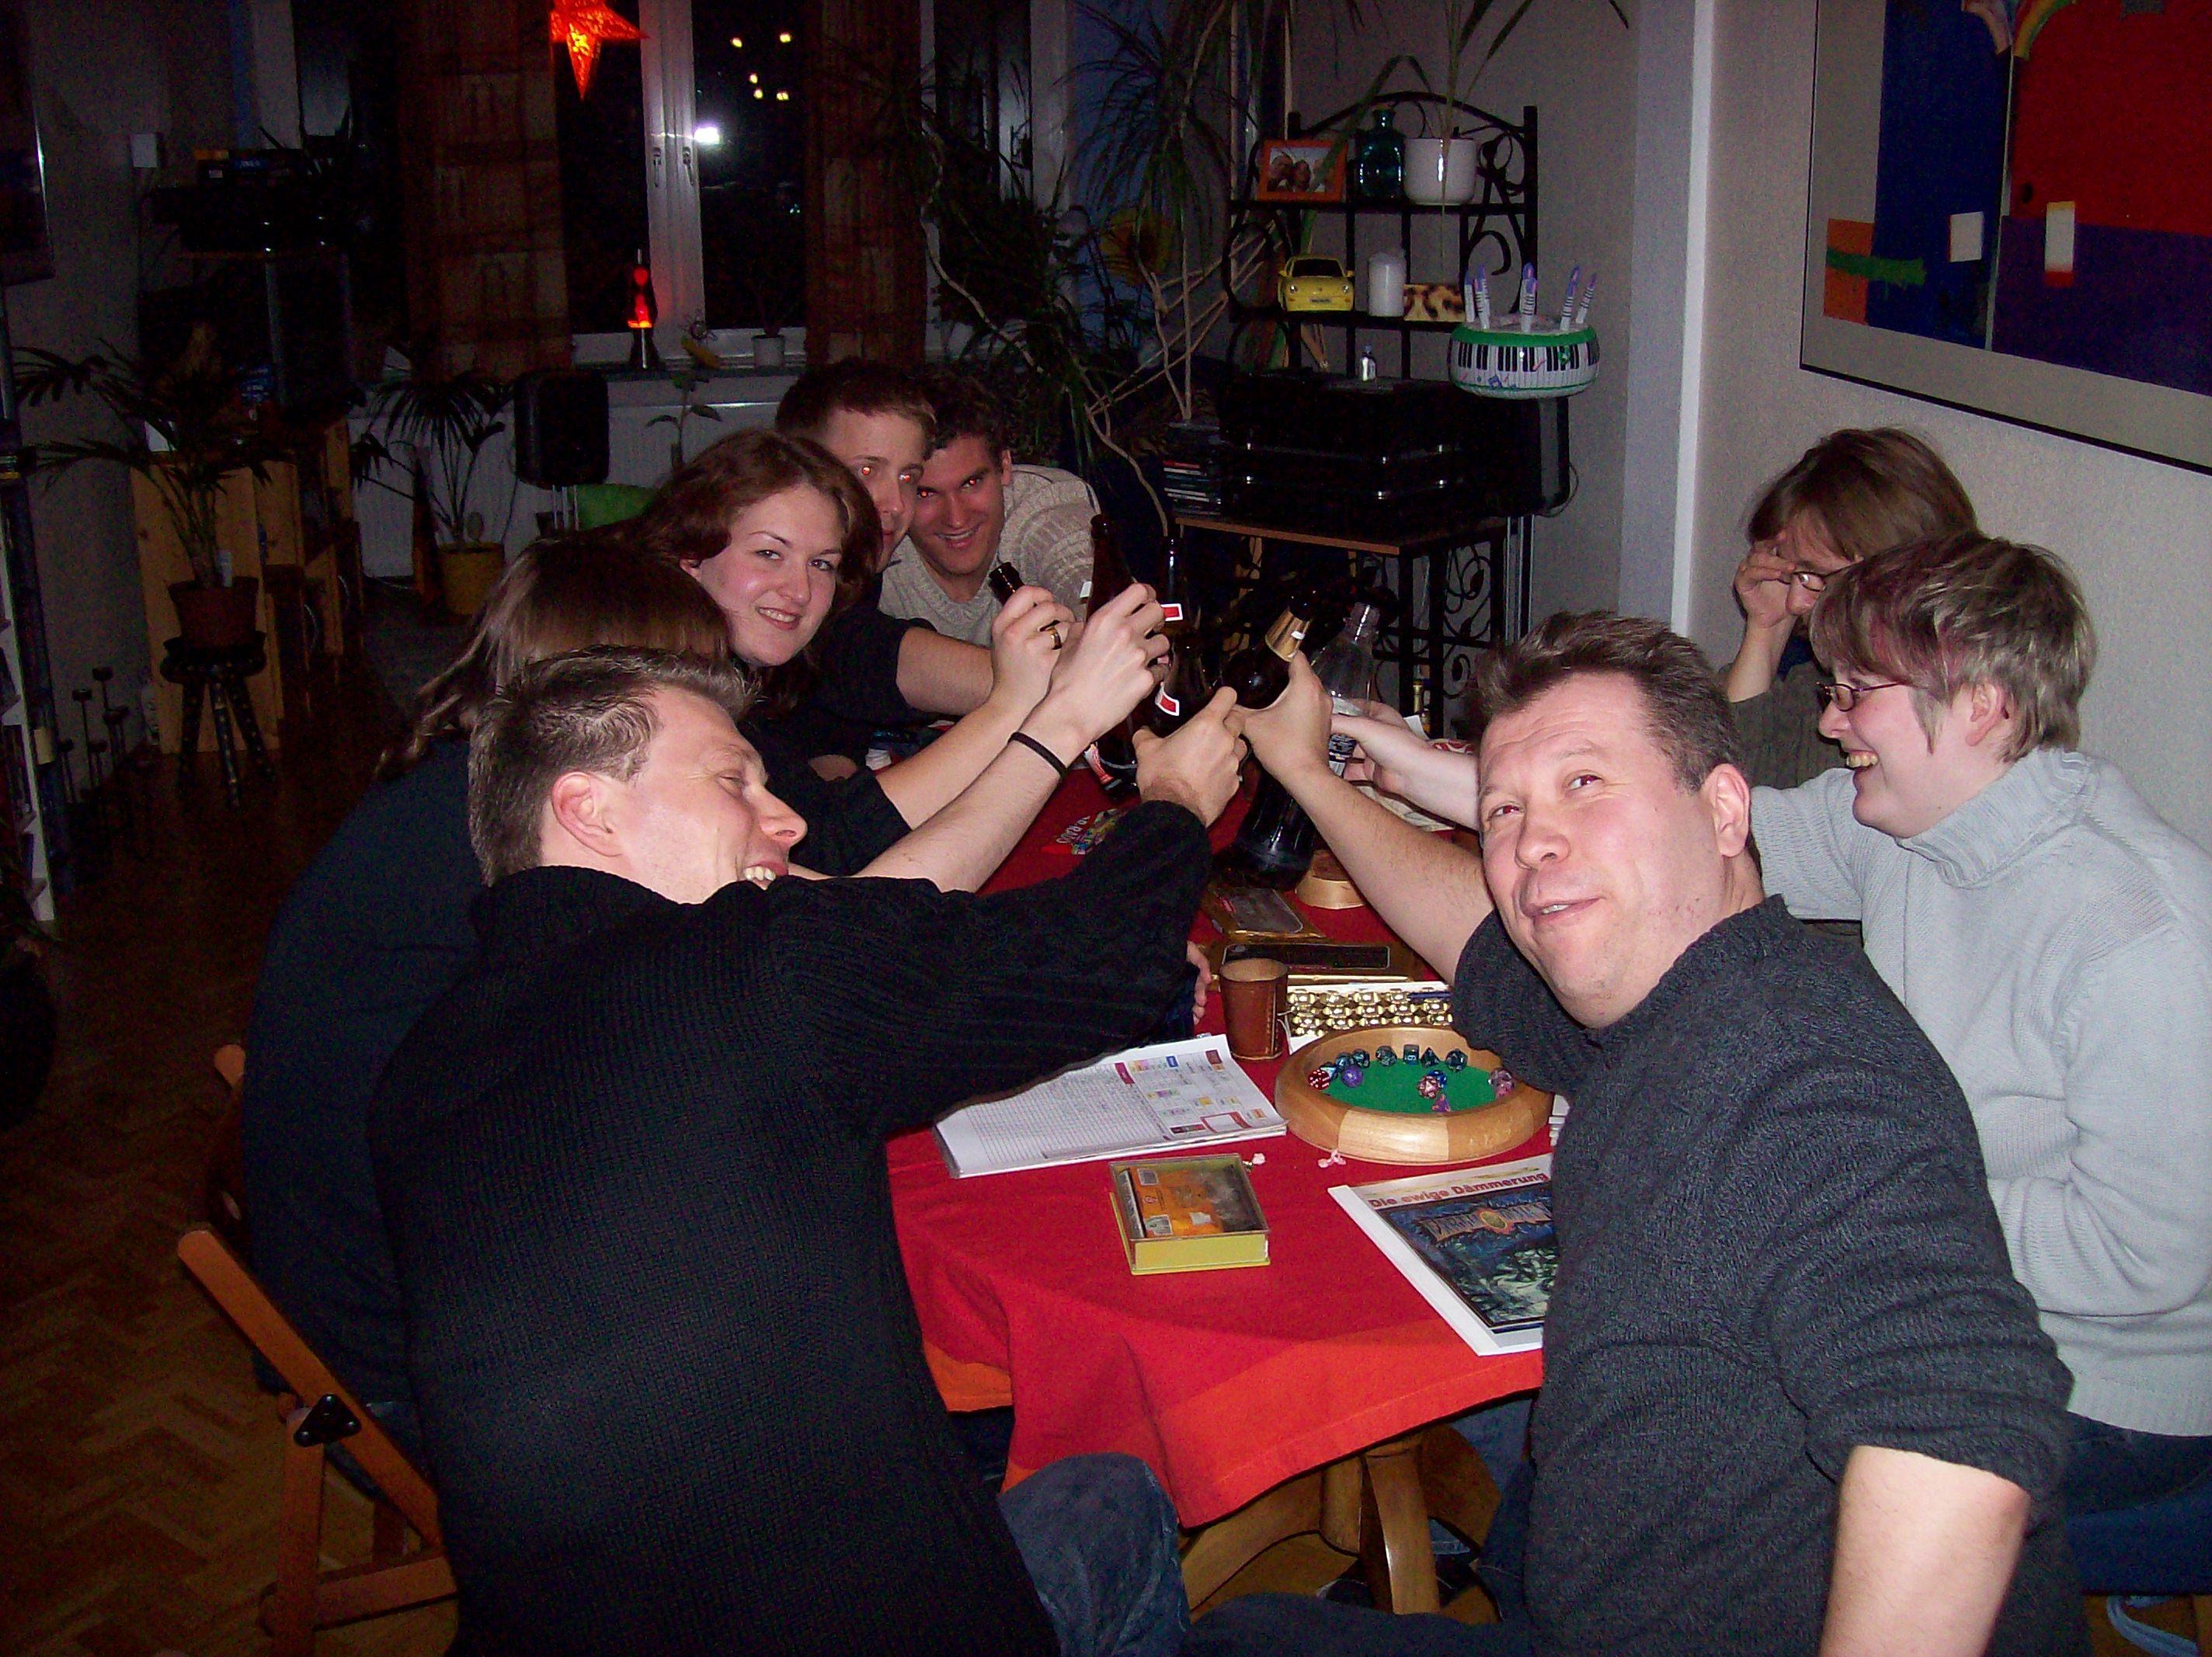 http://www.earthdawn-wiki.de/files/rpwe2/100_0767.jpg